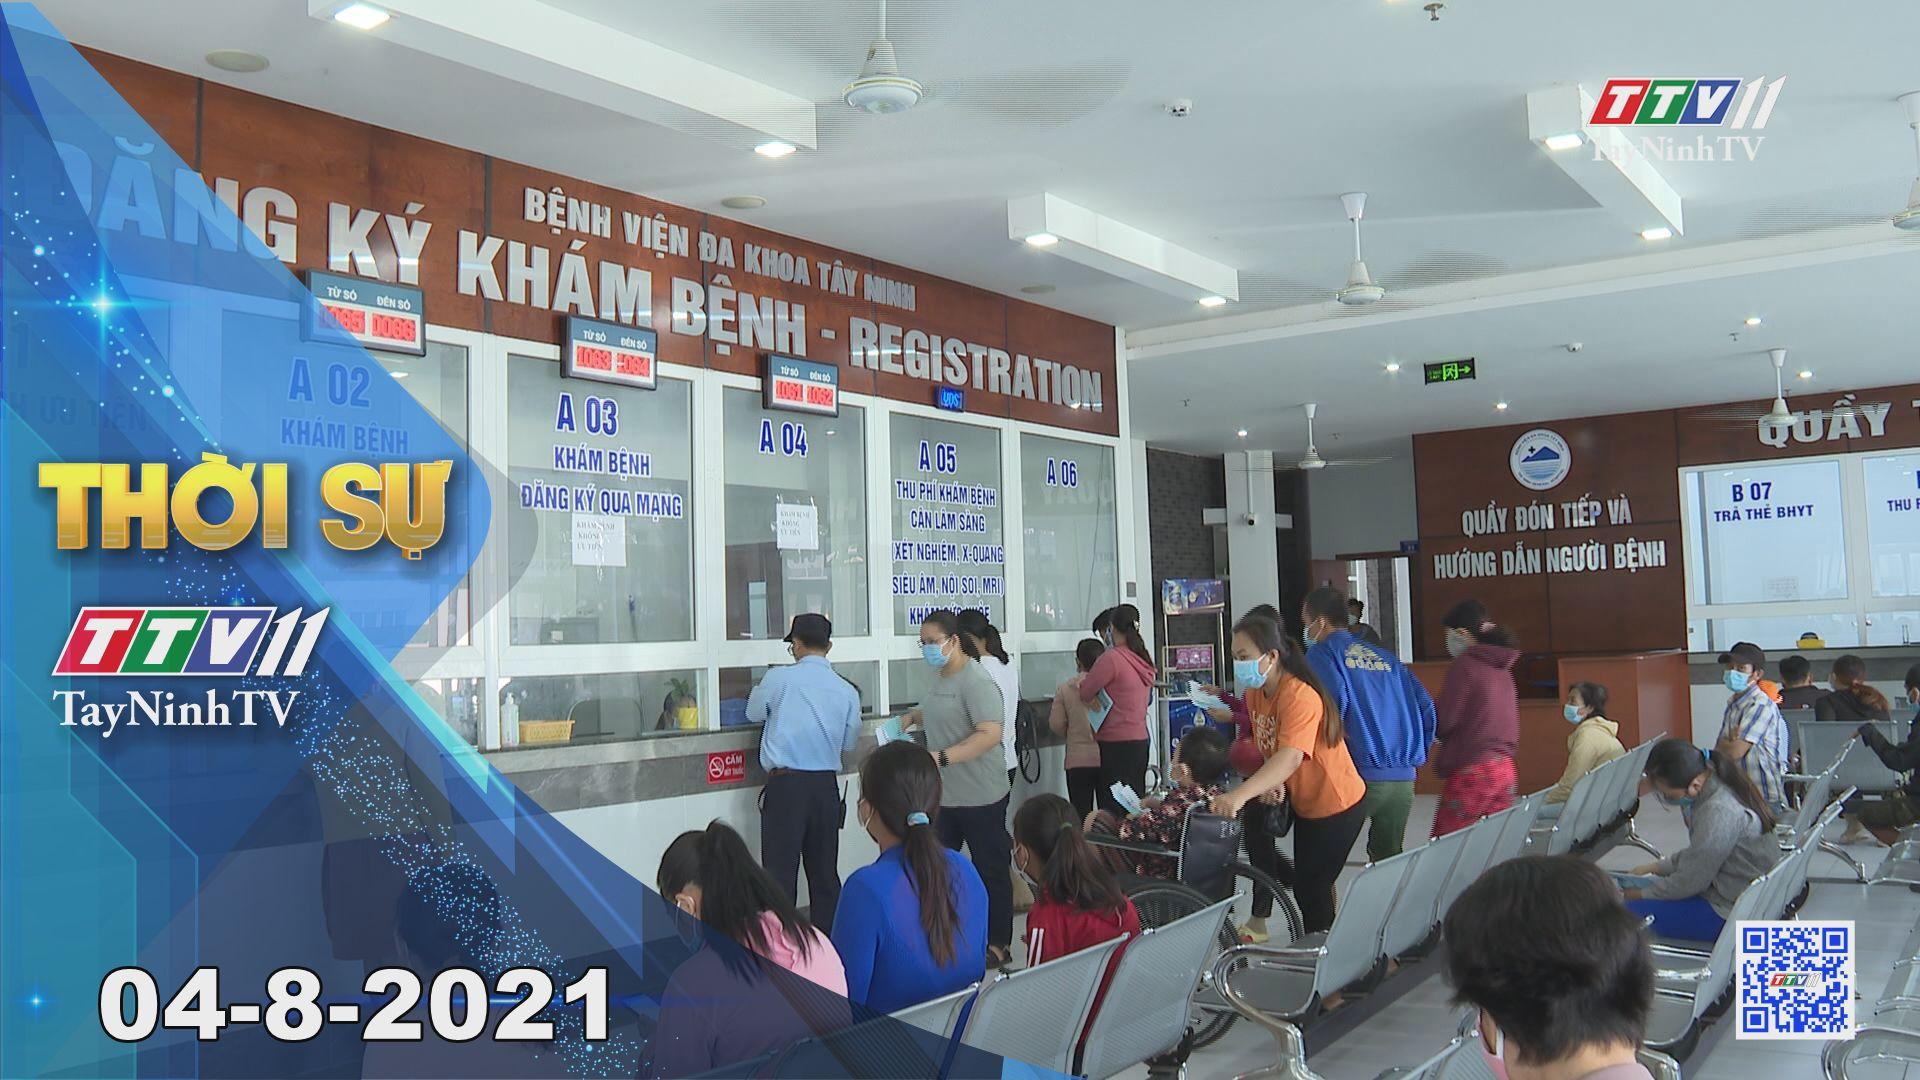 Thời sự Tây Ninh 04-8-2021 | Tin tức hôm nay | TayNinhTV